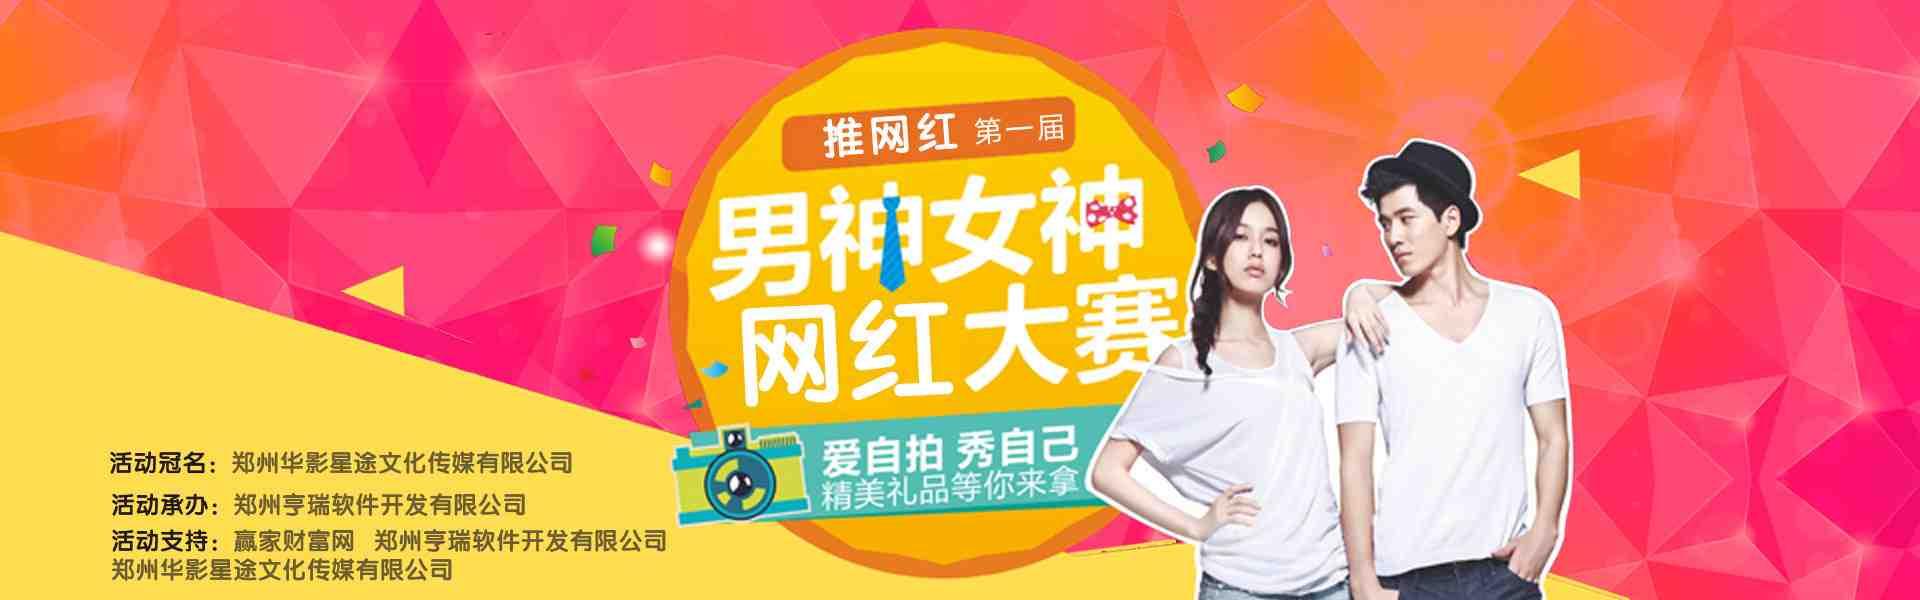 华影星途2016第一届男神女神自拍大赛